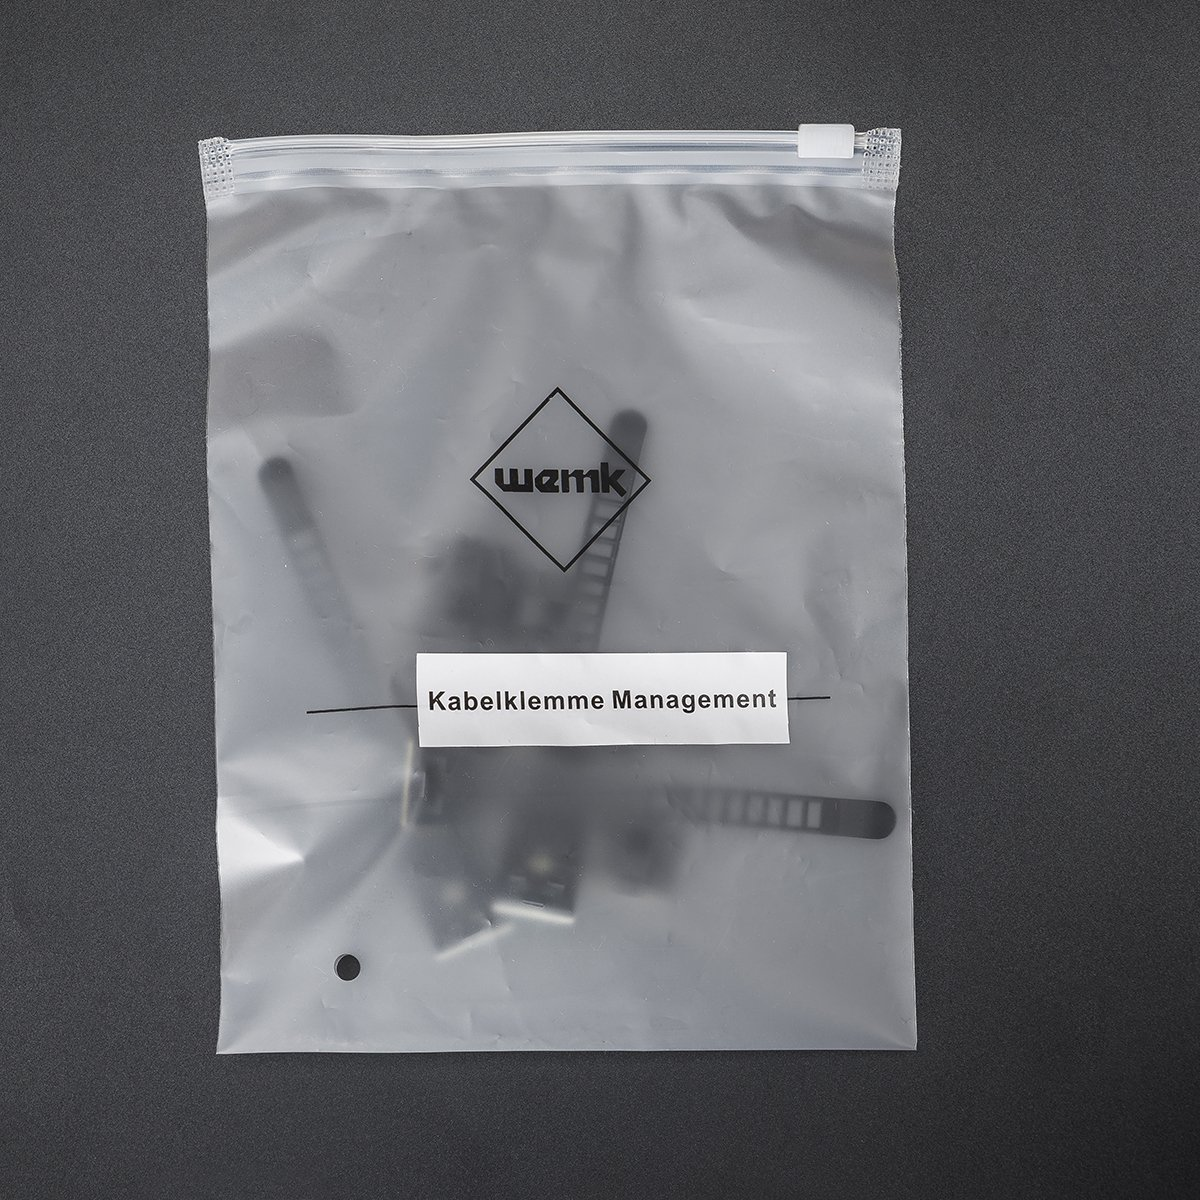 Schön Draht Und Kabelorganisatoren Bilder - Der Schaltplan - greigo.com